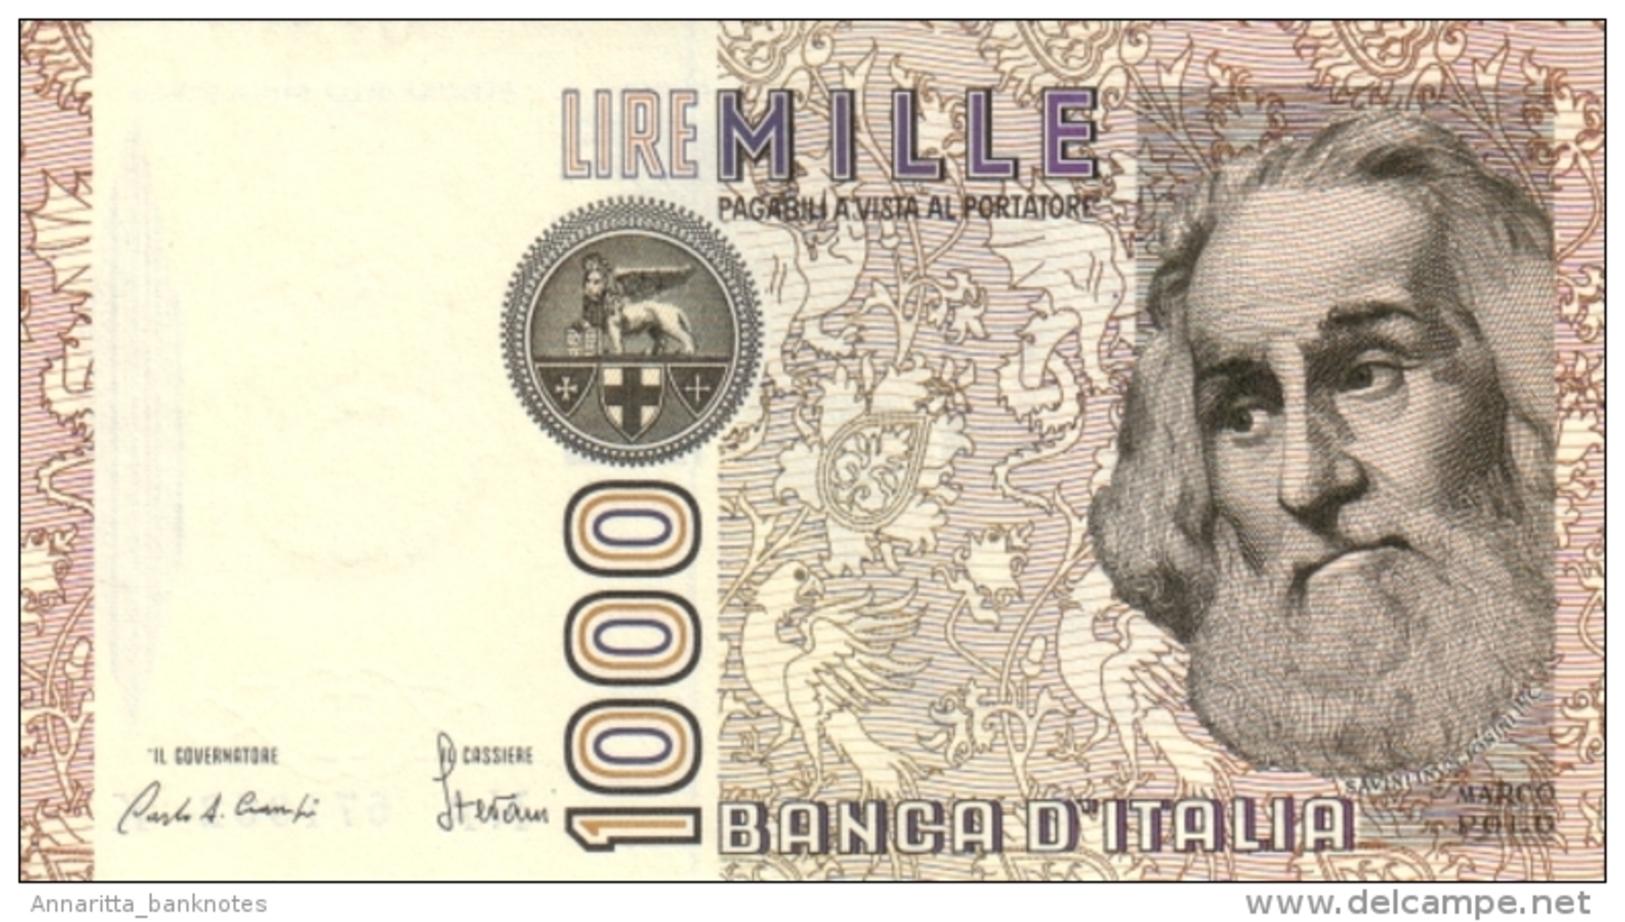 ITALY 1000 LIRE 1982 P-109a UNC SIGN. CIAMPI & STEVANI [ IT109a ] - 1000 Lire